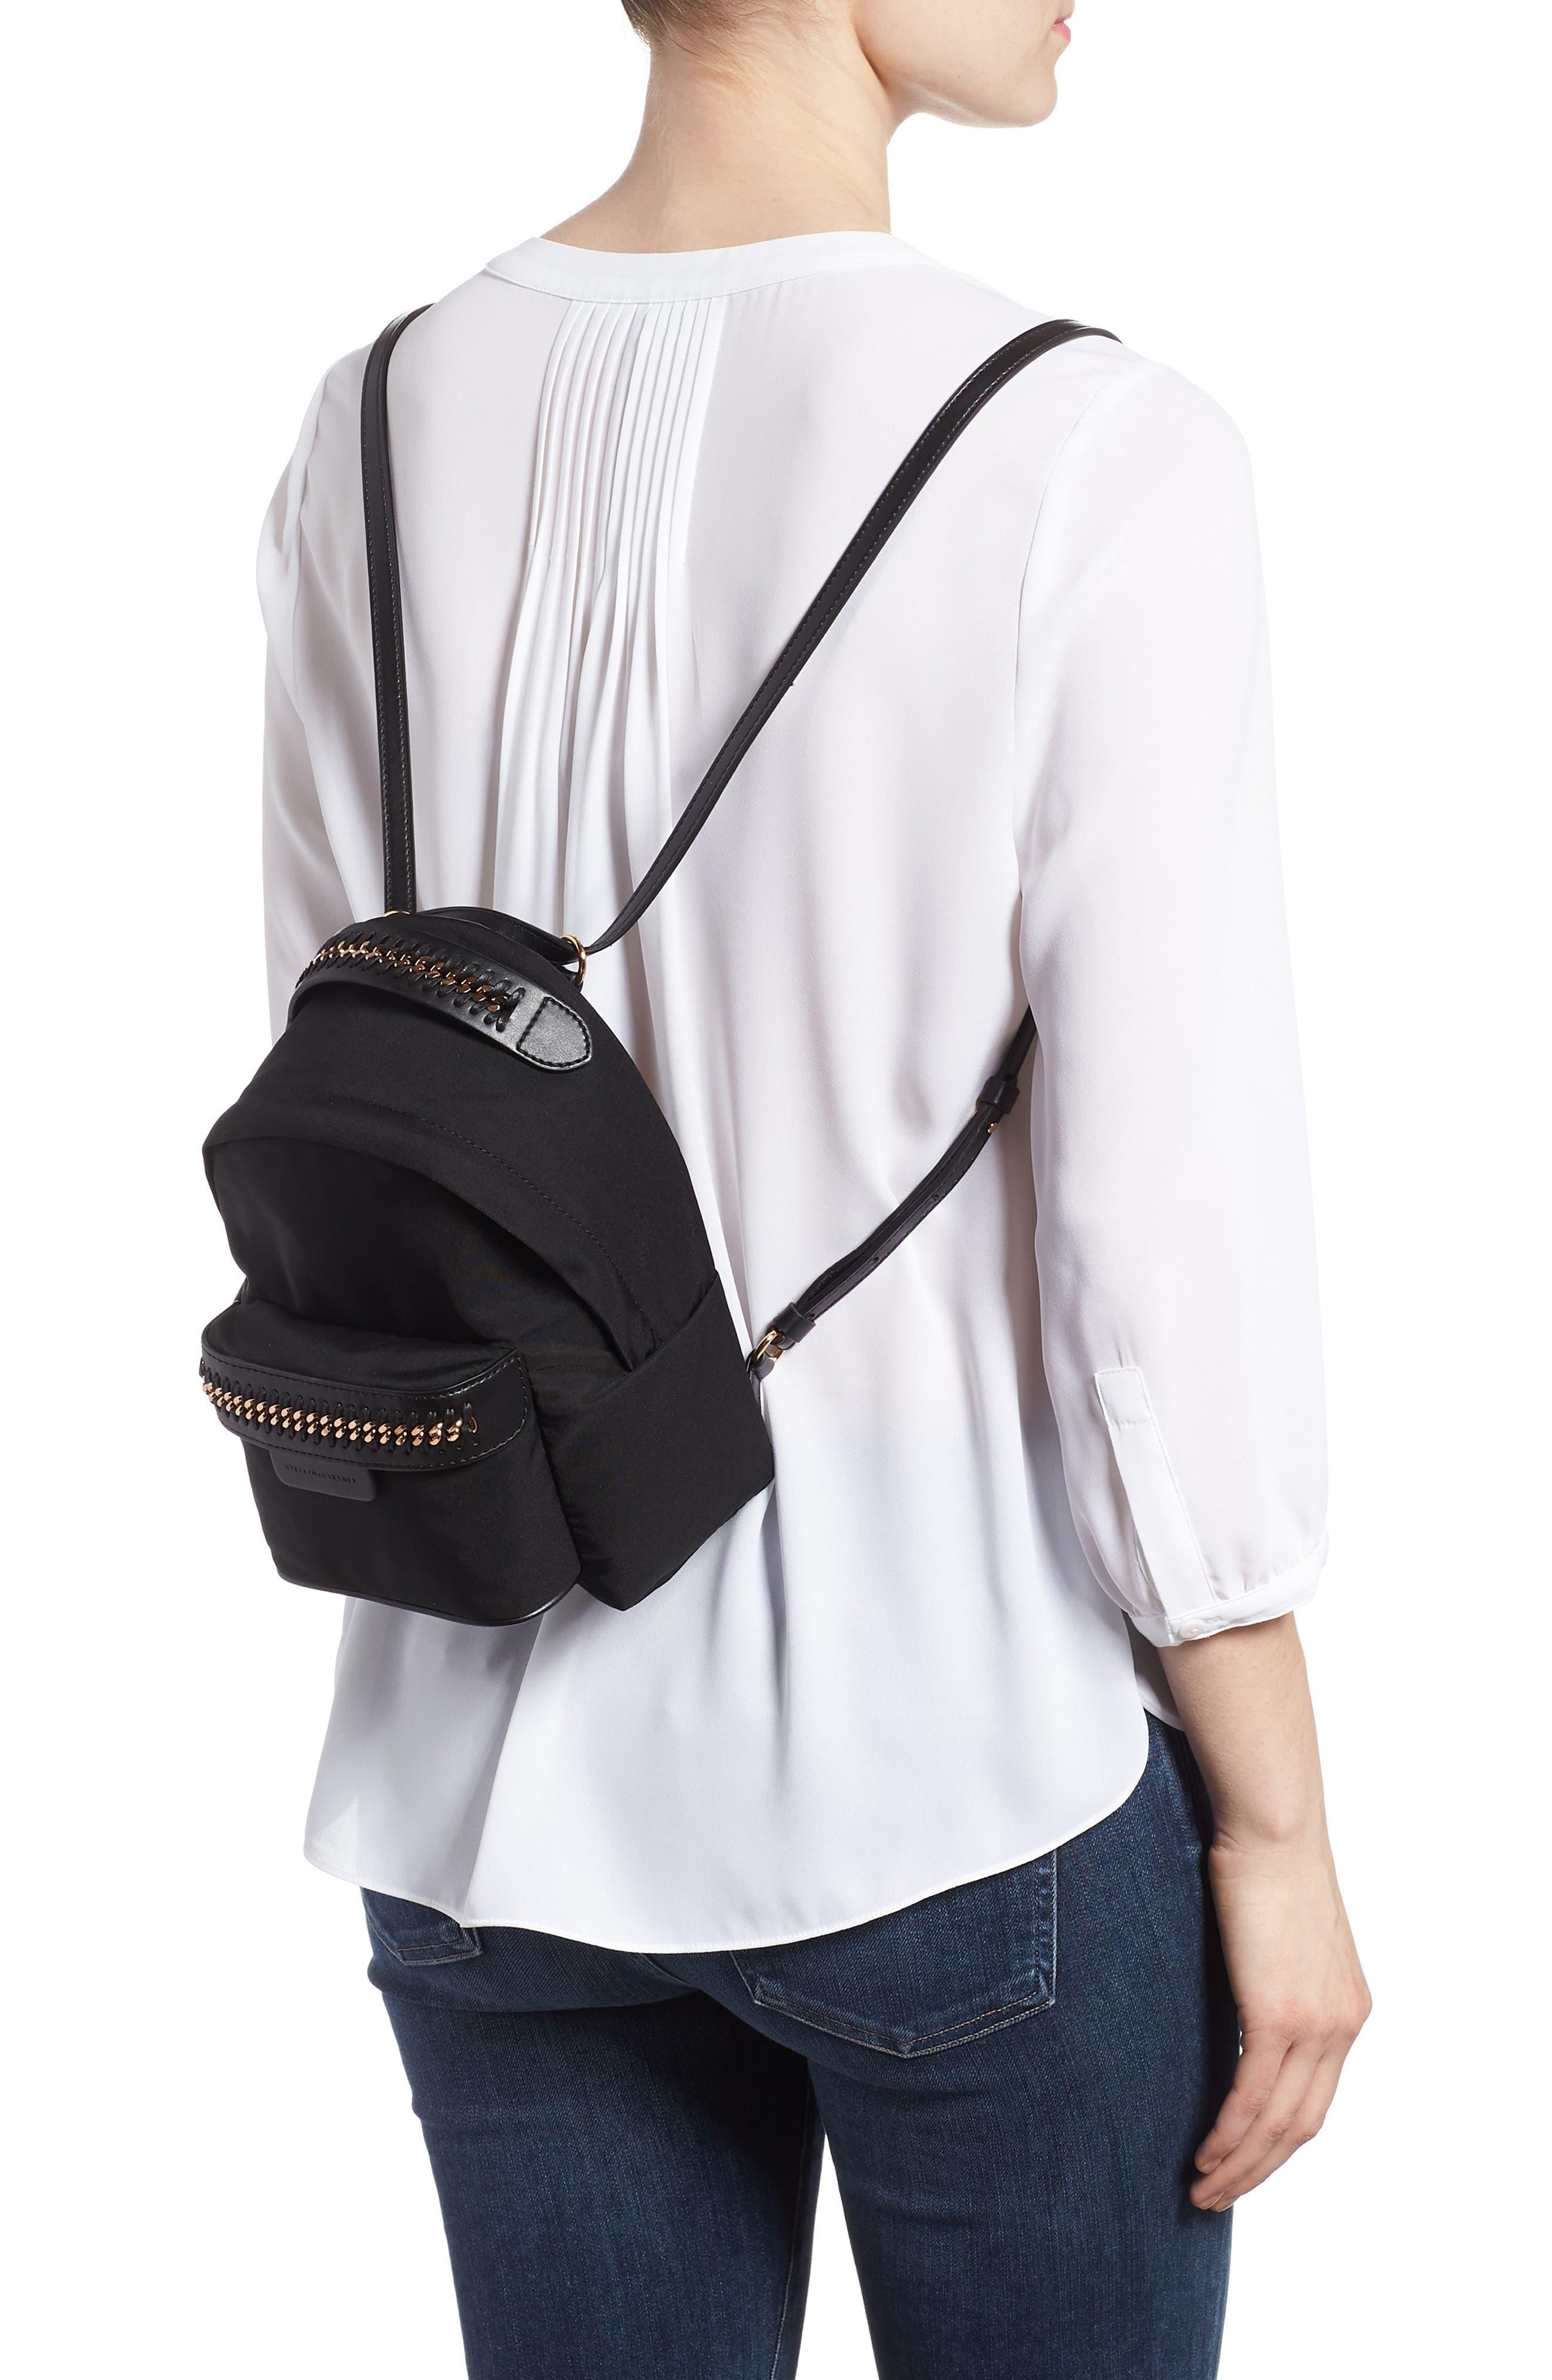 Mini Falabella Nylon Backpack,                             Alternate thumbnail 2, color,                             Black